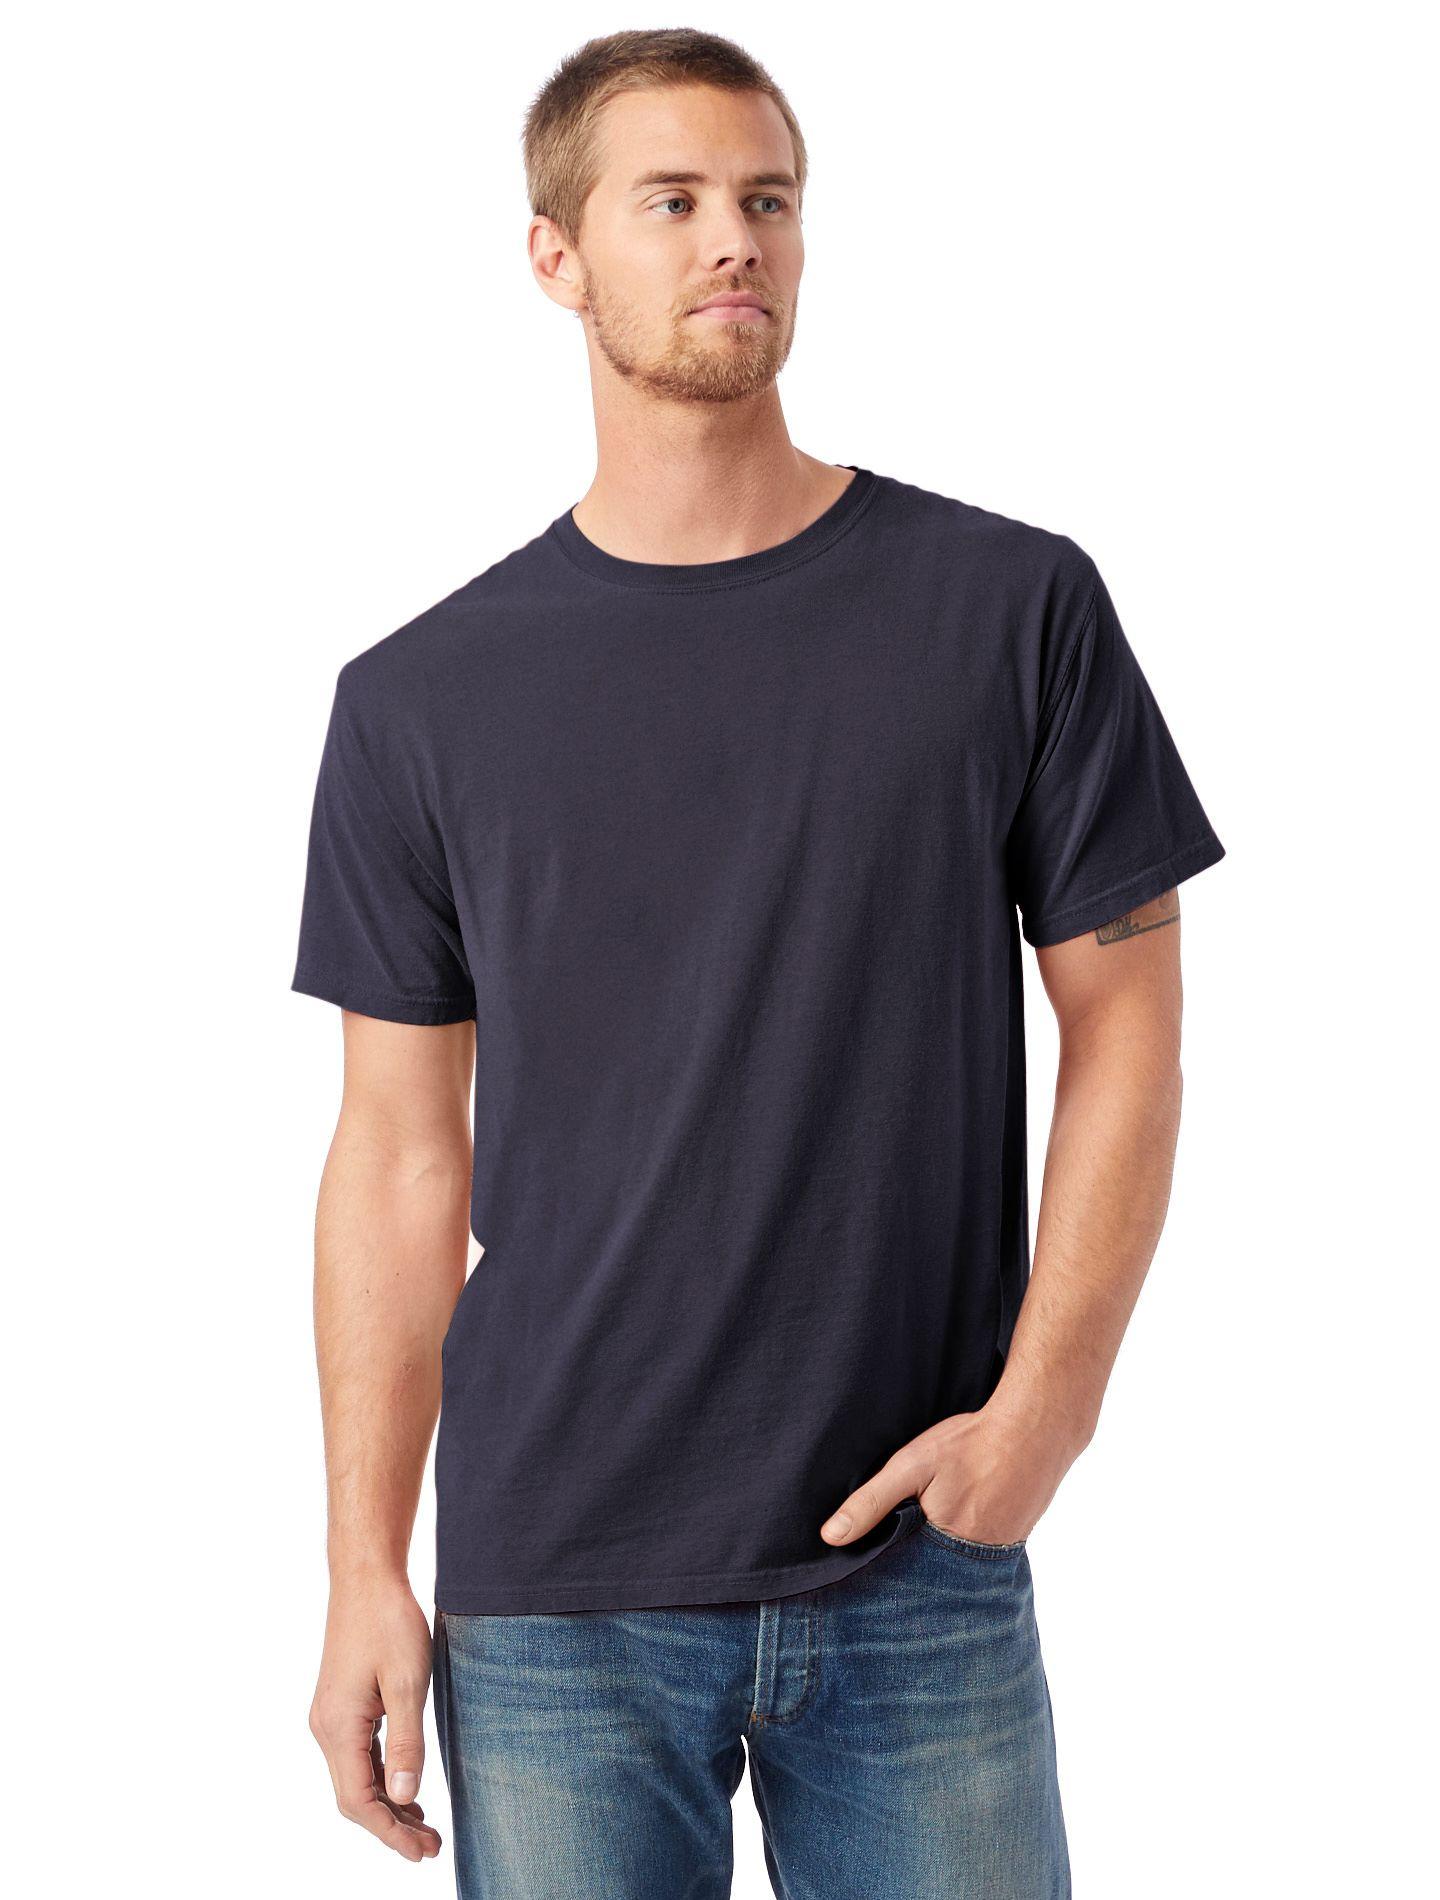 Hanes Men's ComfortWash™ Garment Dyed Short Sleeve Tee men Hanes